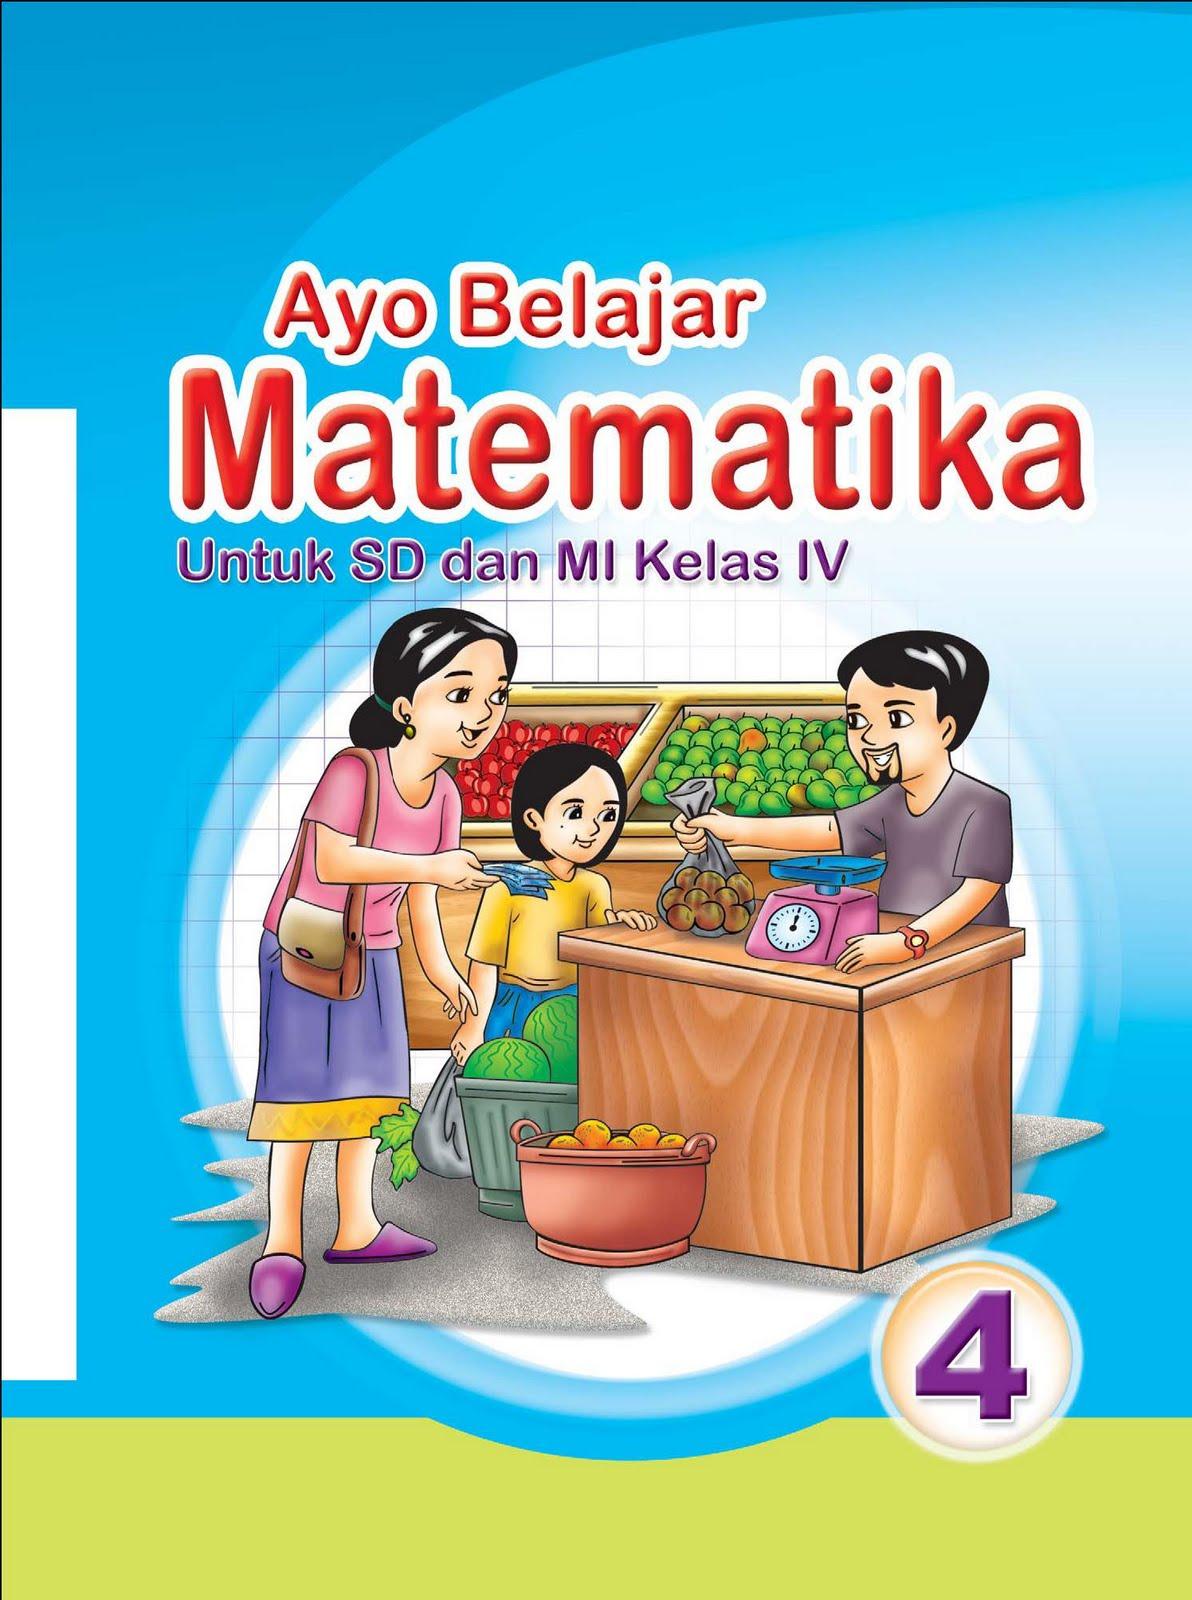 Rpp Bahasa Inggris Kelas 2 Sd Rpp Bahasa Inggris Berkarakter Sd Gratis Silabus Terbaru Silabus Dan Rpp Bahasa Arab Mts Smp Kelas 1 2 Dan 3 Review Ebooks